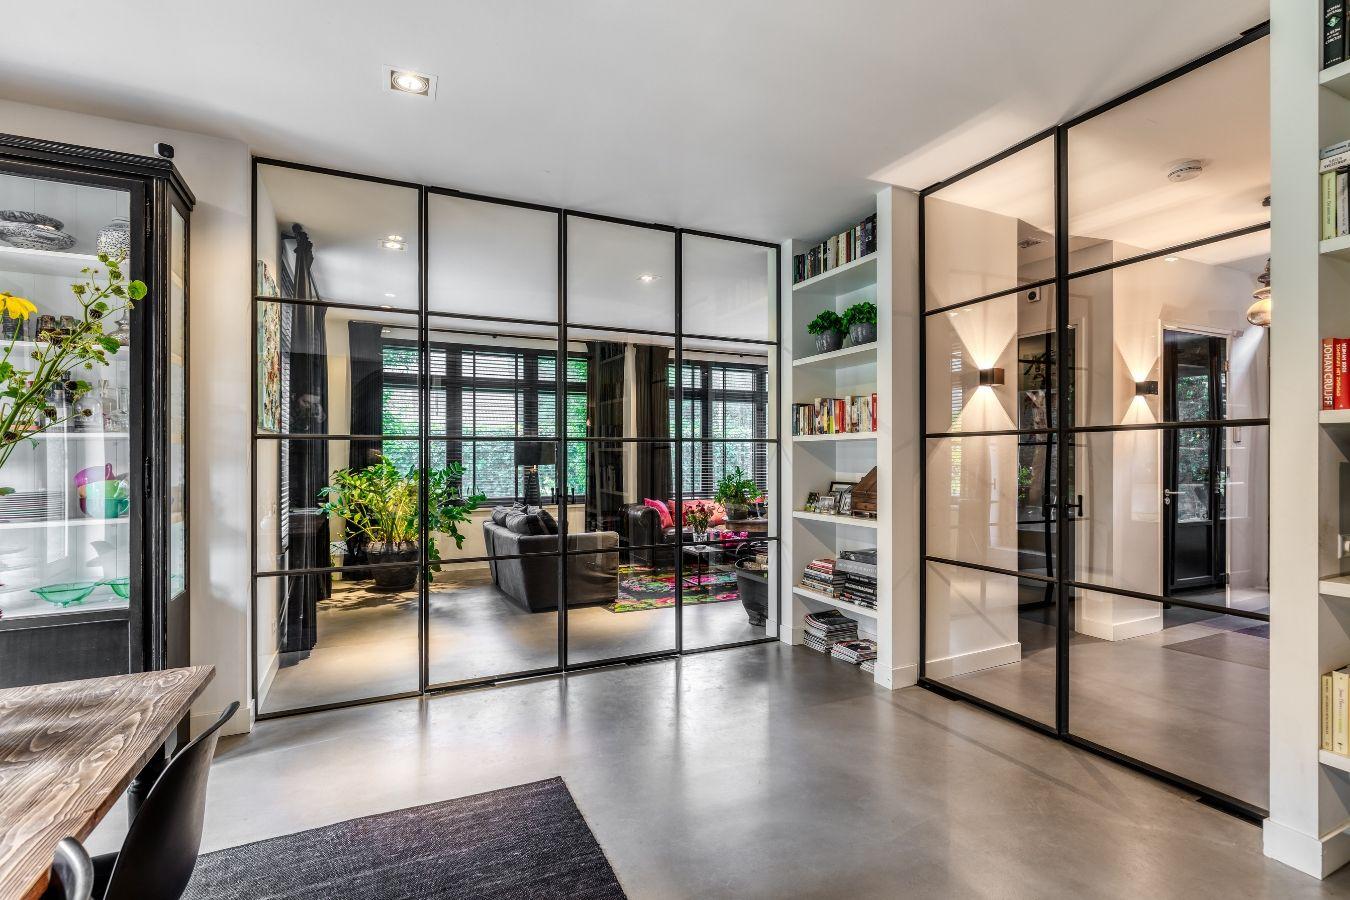 dubbele stalen taatsdeuren, oude tv productie pand vernieuwt in nieuwe villa, Hilversum, stalen deuren in woonkamer, realisatie door StalenDeurenHuys